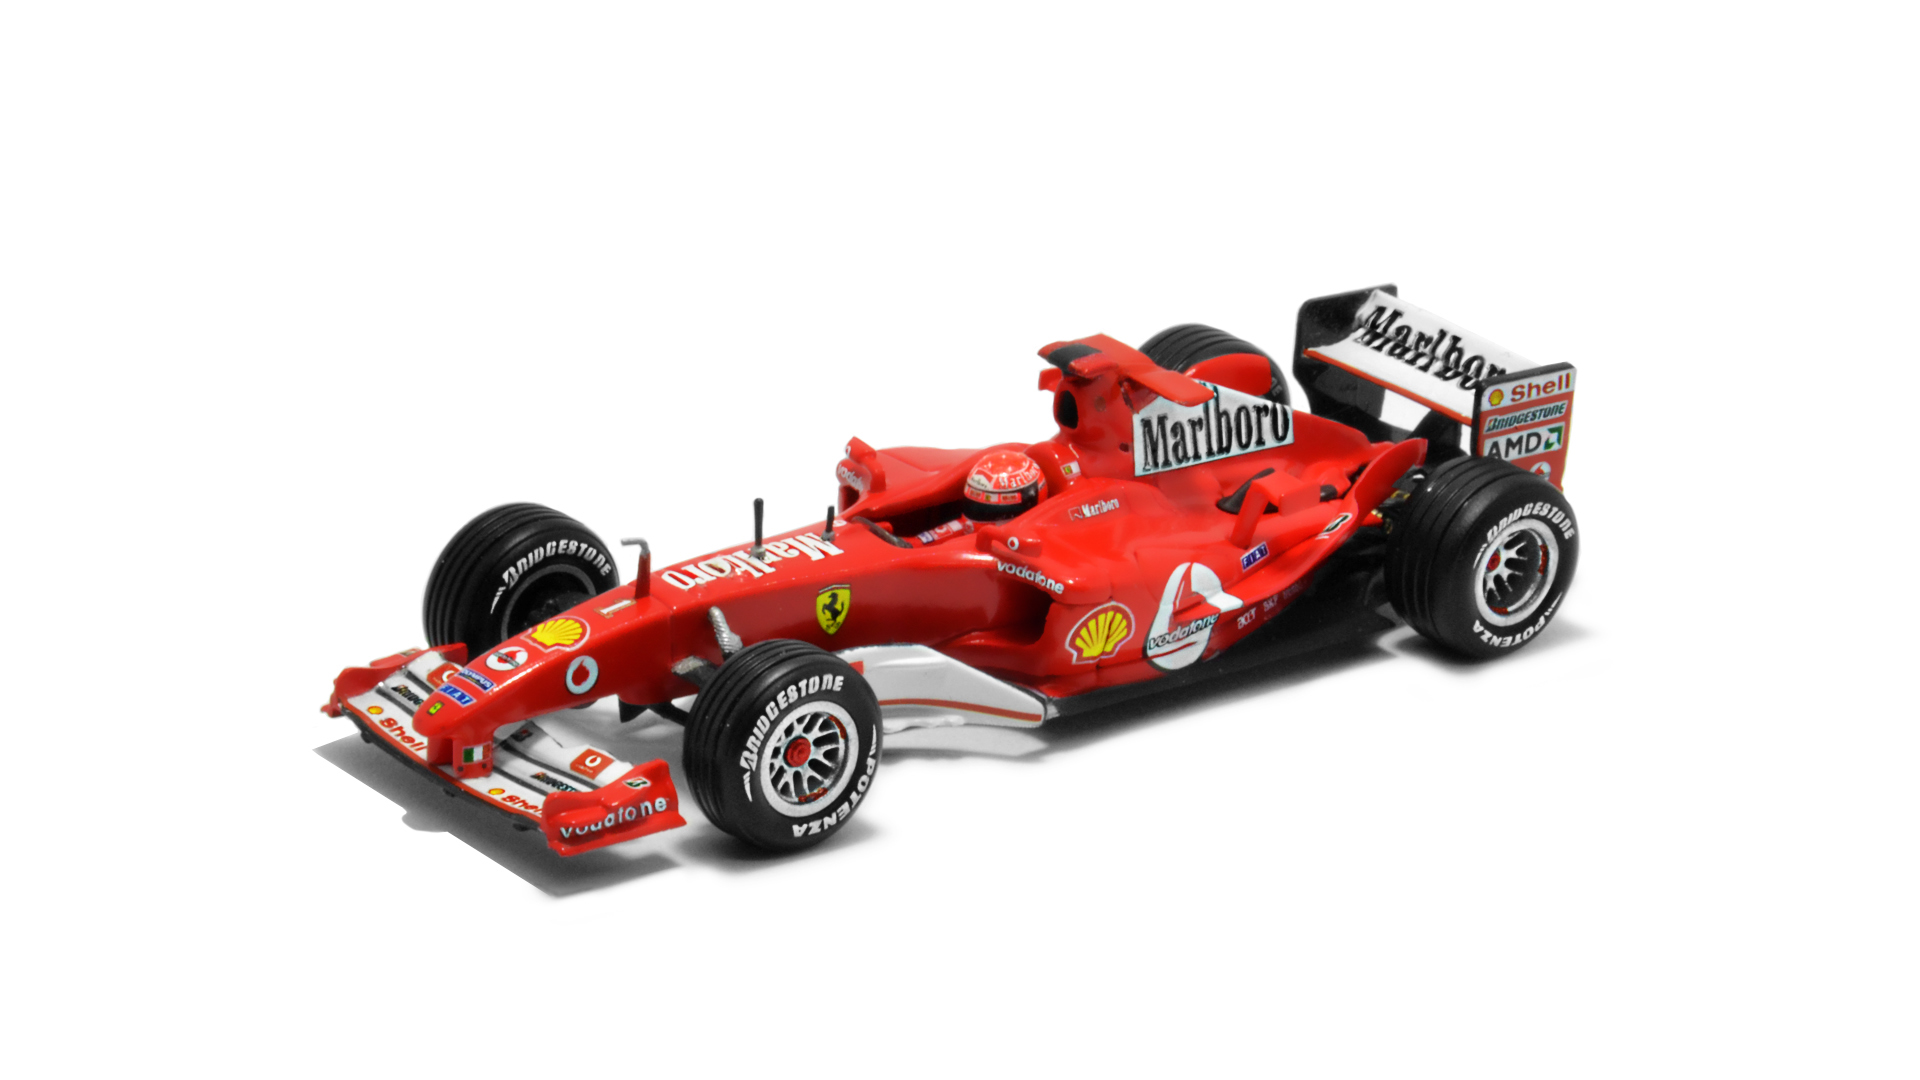 Év: 2004<br />Modell: F2004<br />Gyártó: Hot Wheels<br />Pilóta: Michael Schumacher